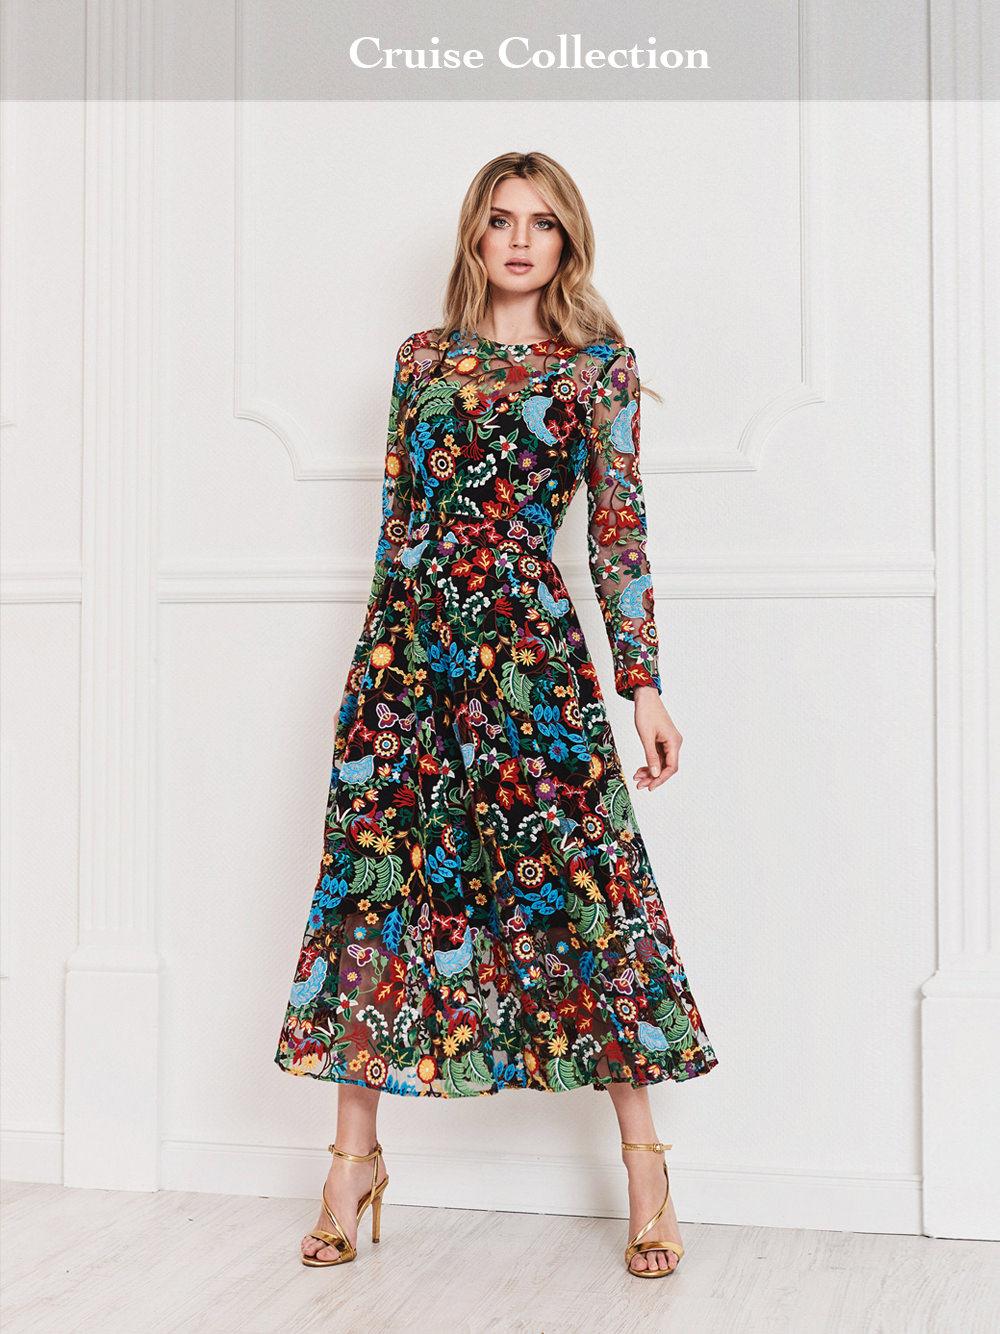 Großartig Uk Prom Kleid Läden Fotos - Brautkleider Ideen - cashingy.info